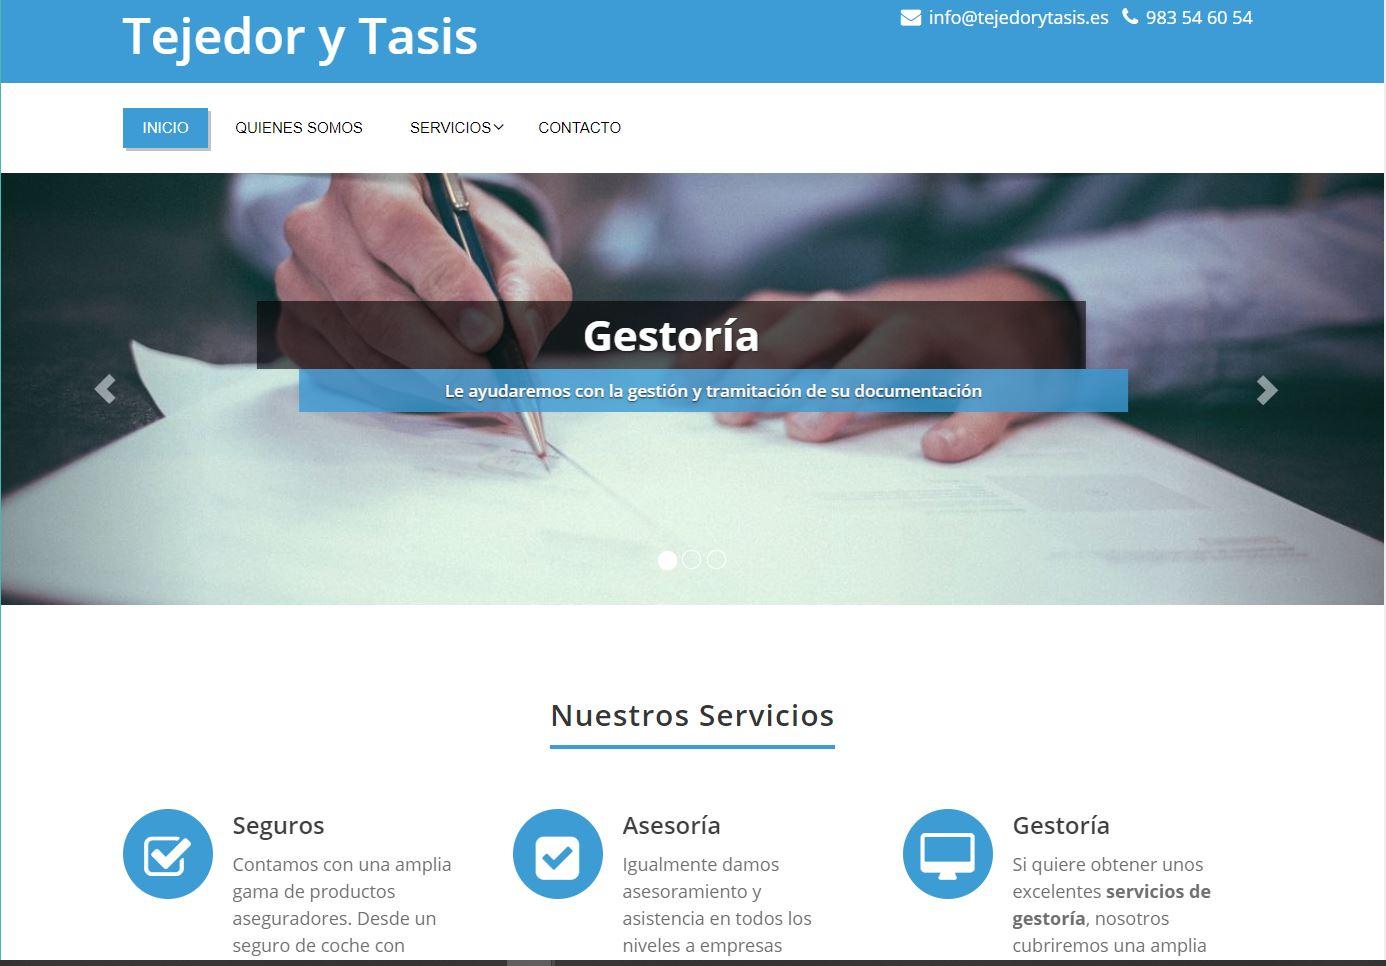 Tejedor y Tasis